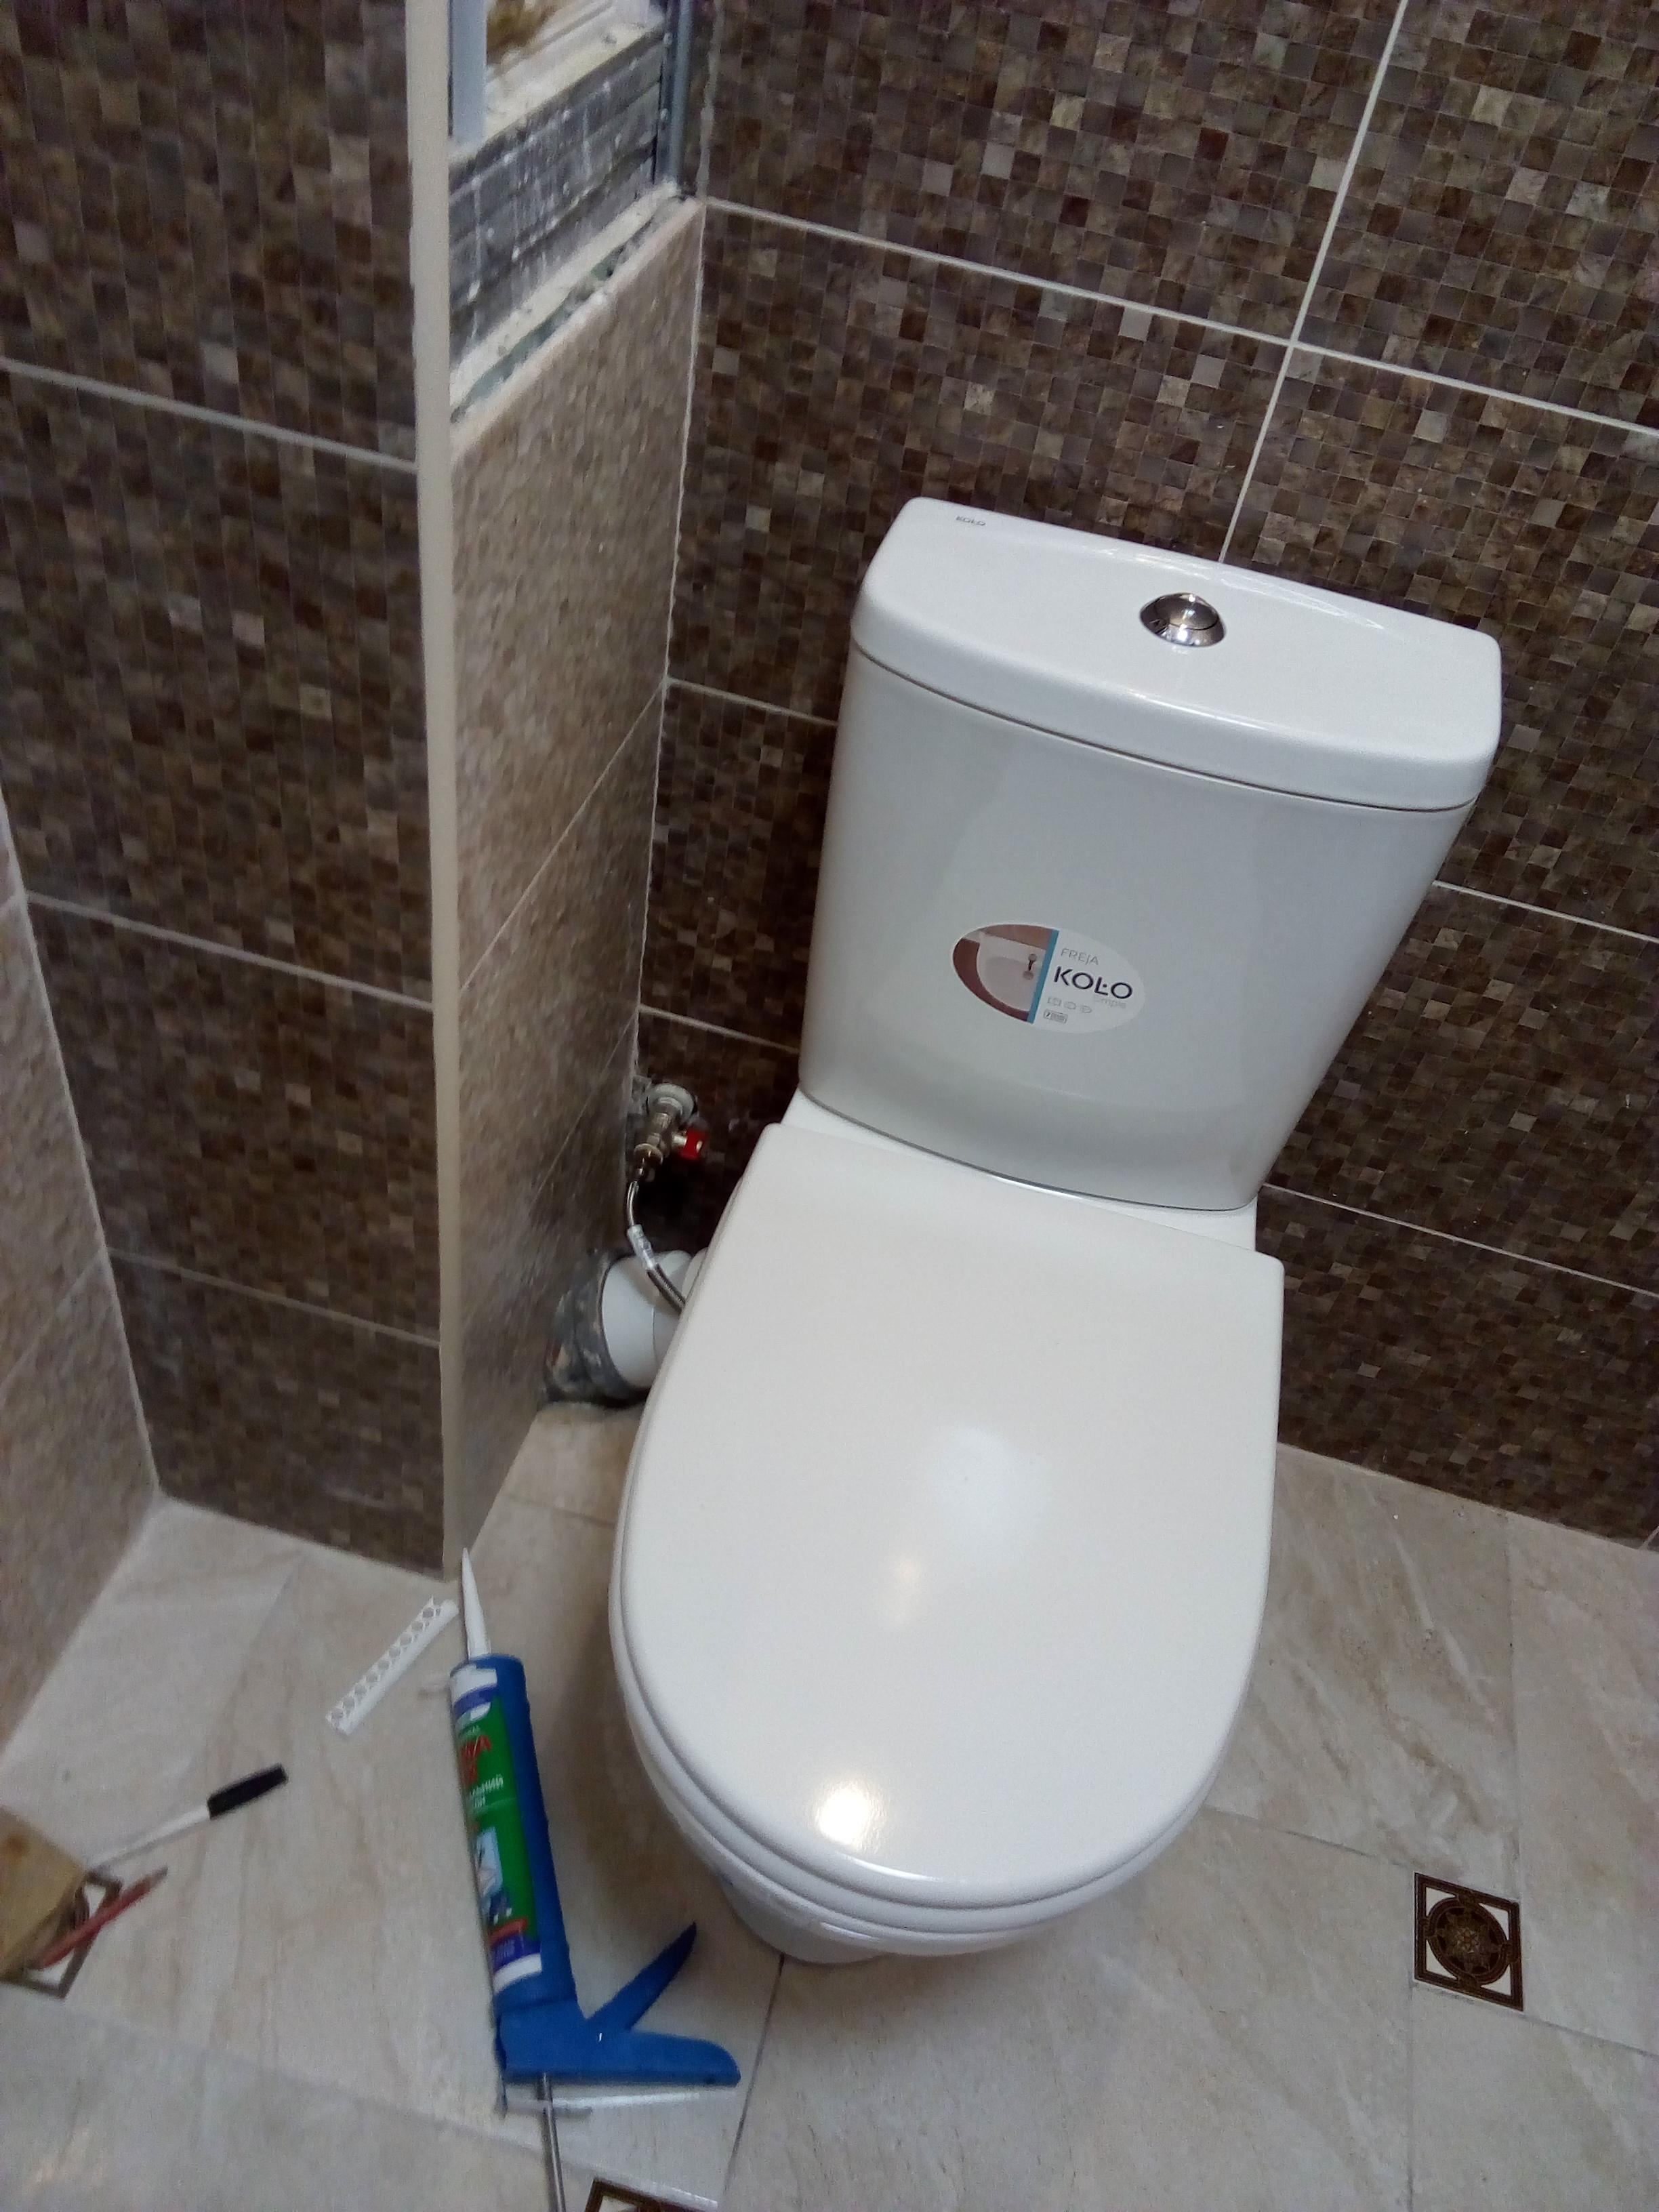 Фото Монтаж унитаза с подгонкой канализации и подводкой воды и заменой крана  3 часа От 450 грн